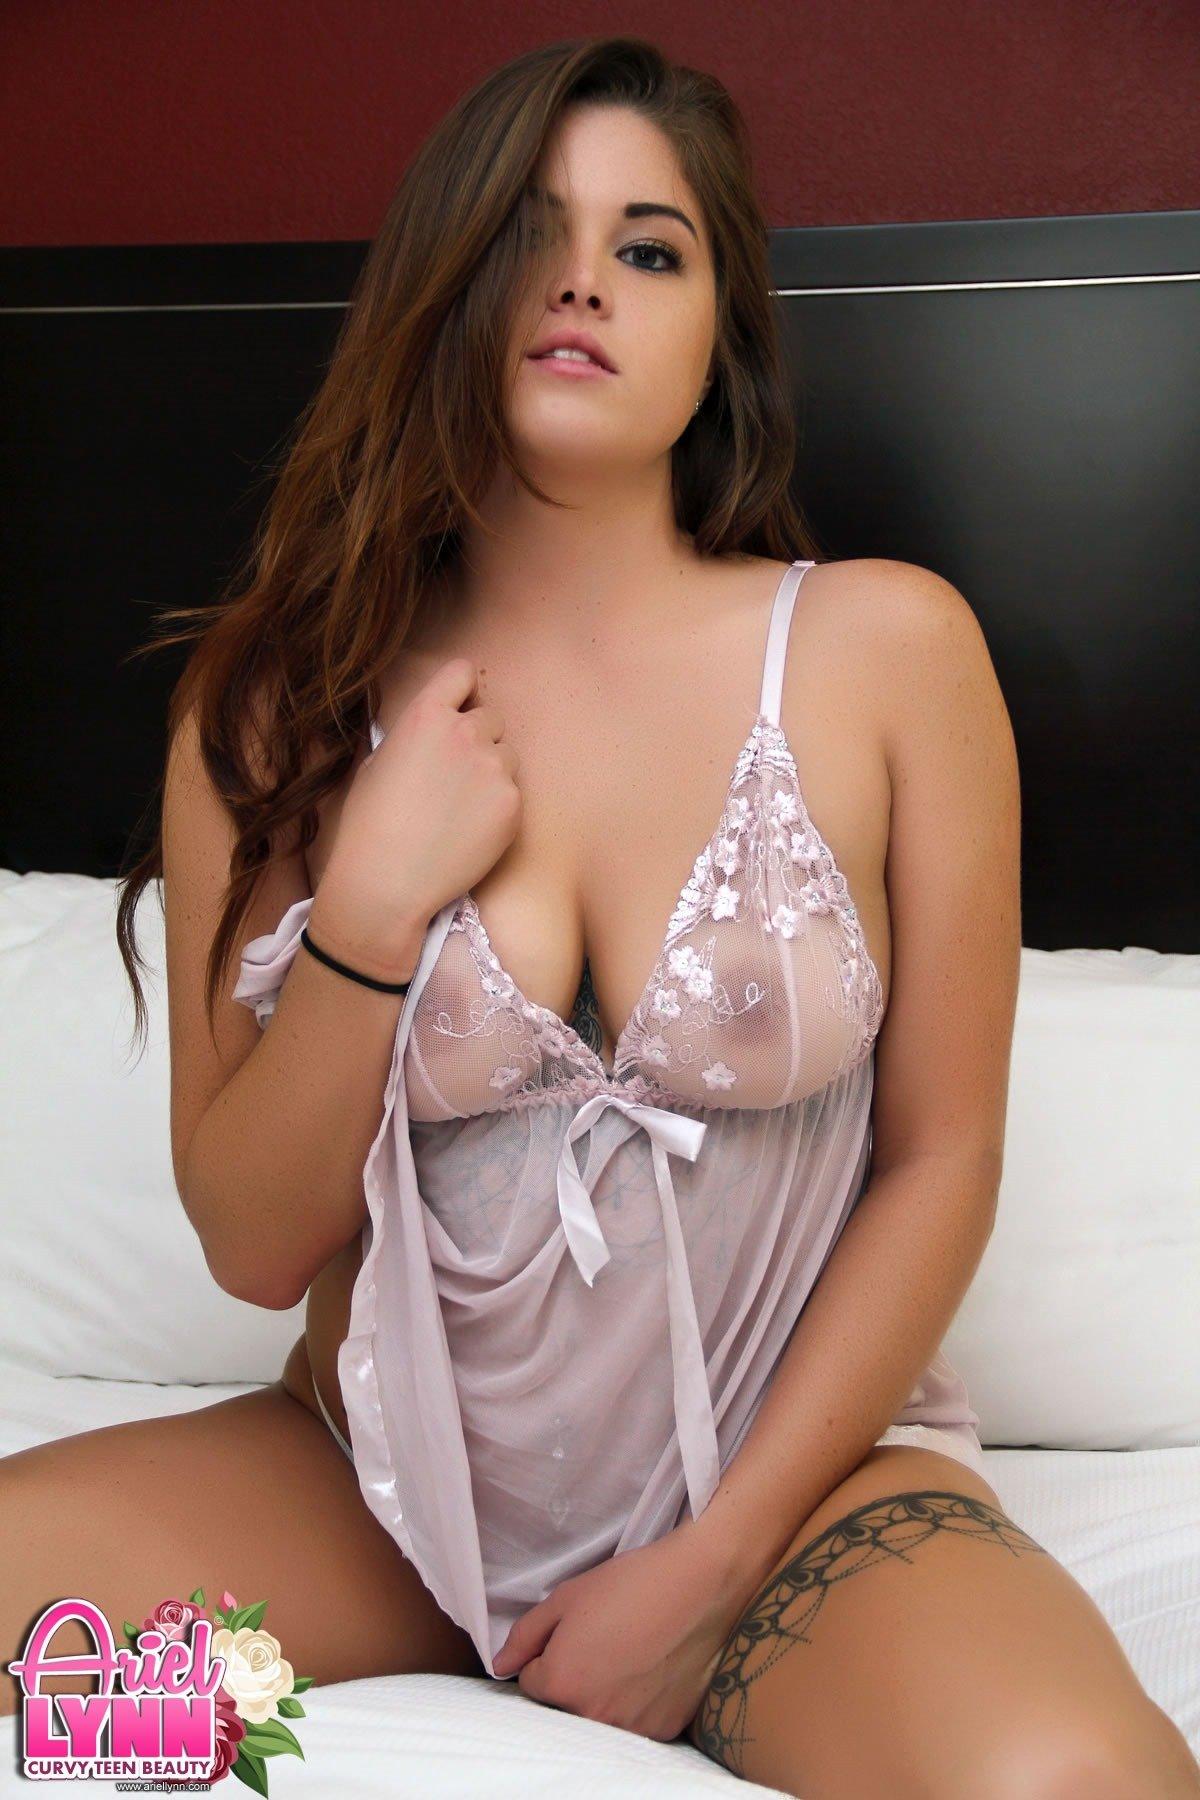 Big titties big ass porn